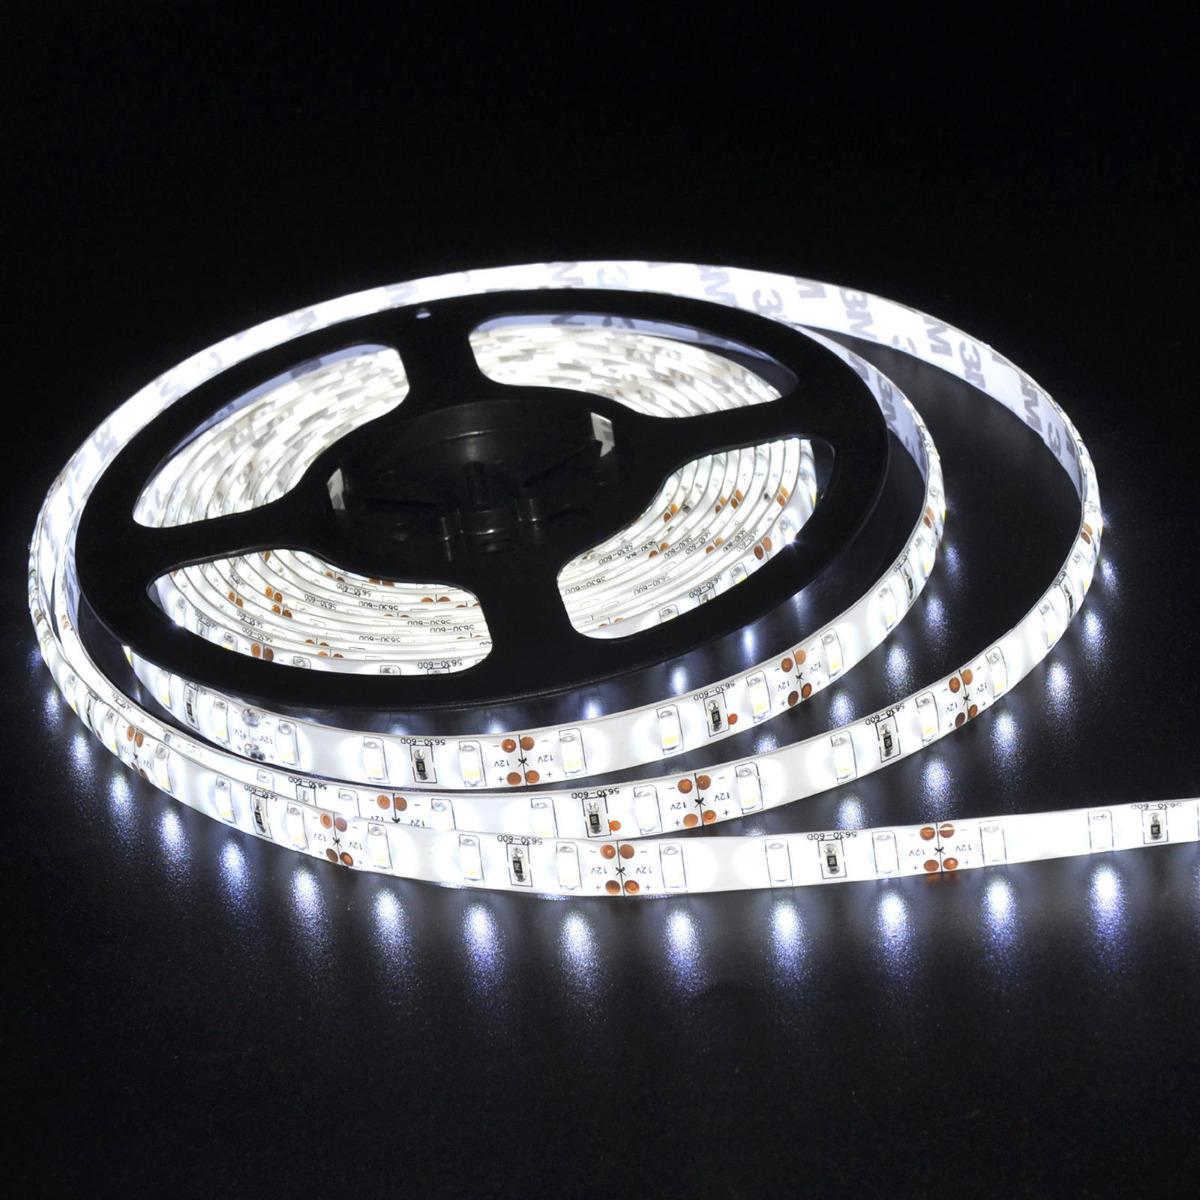 5M 300LEDs LED Strip Bar String of Light 5630 SMD Cool White Super Bright GL495